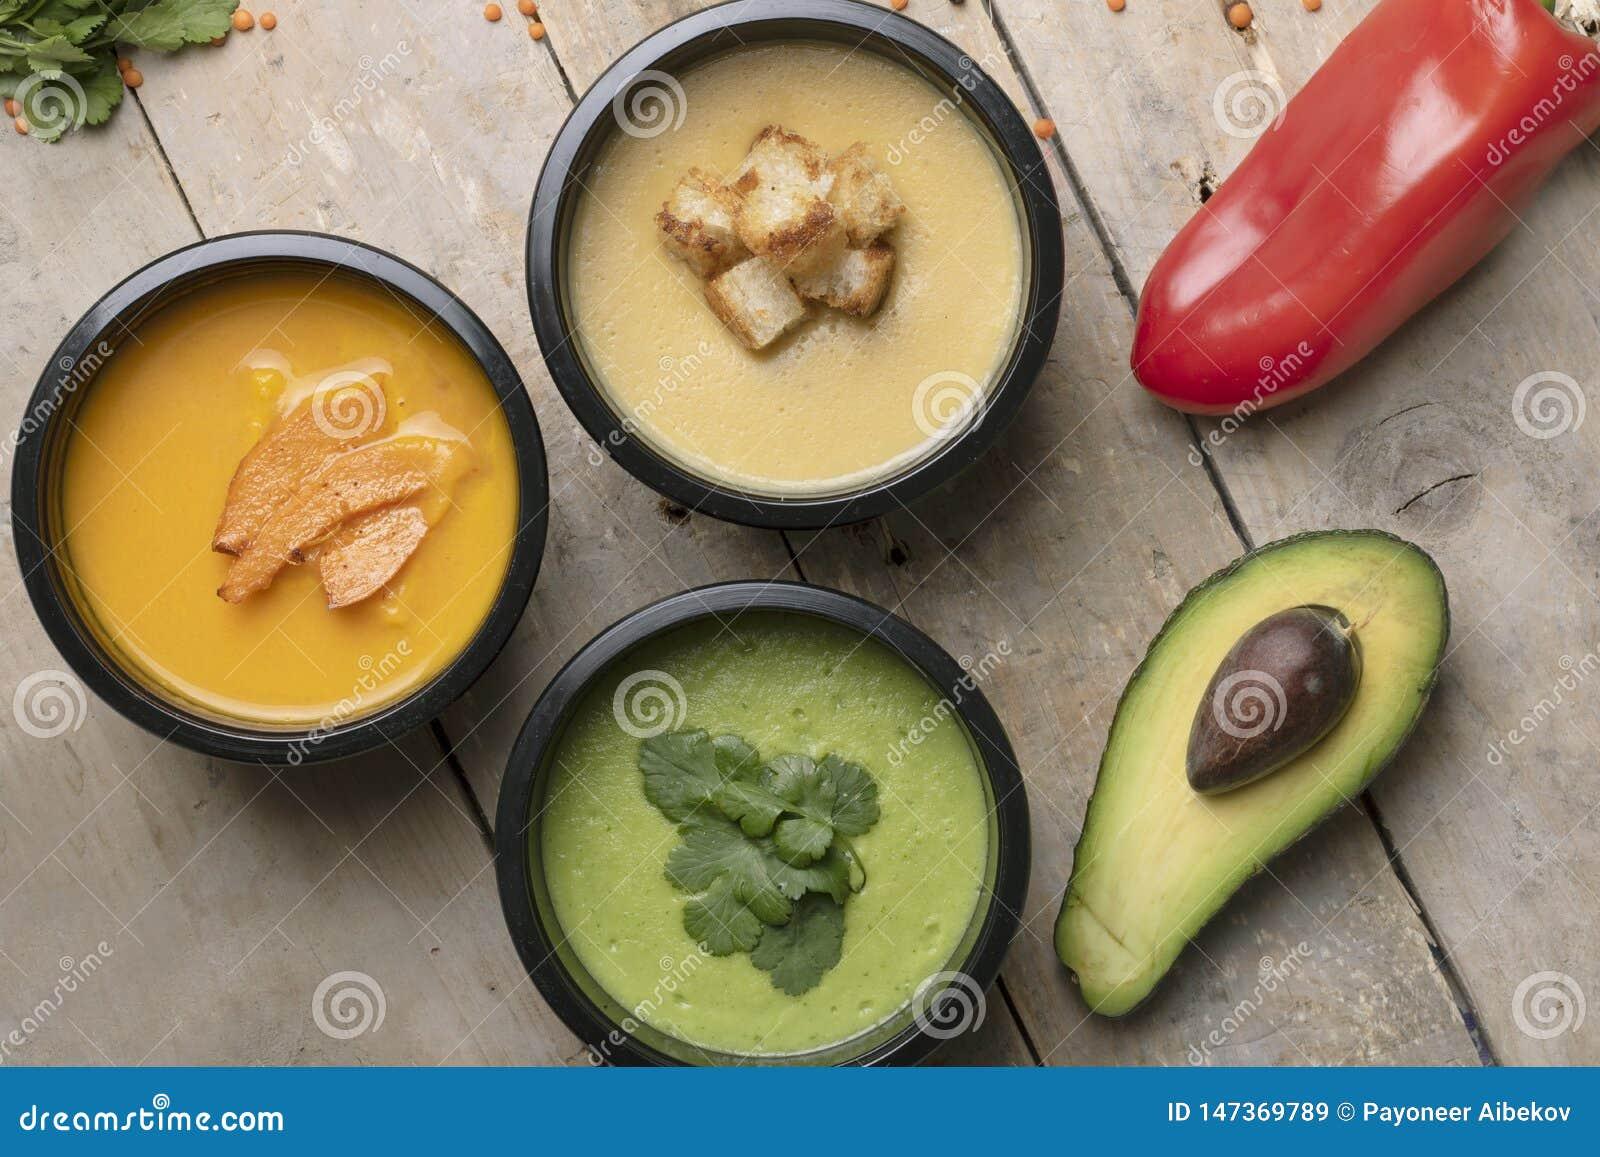 Pimienta roja, medio avacado y cuchara cerca de las sopas del vegano en envases de comida, comida lista a comer